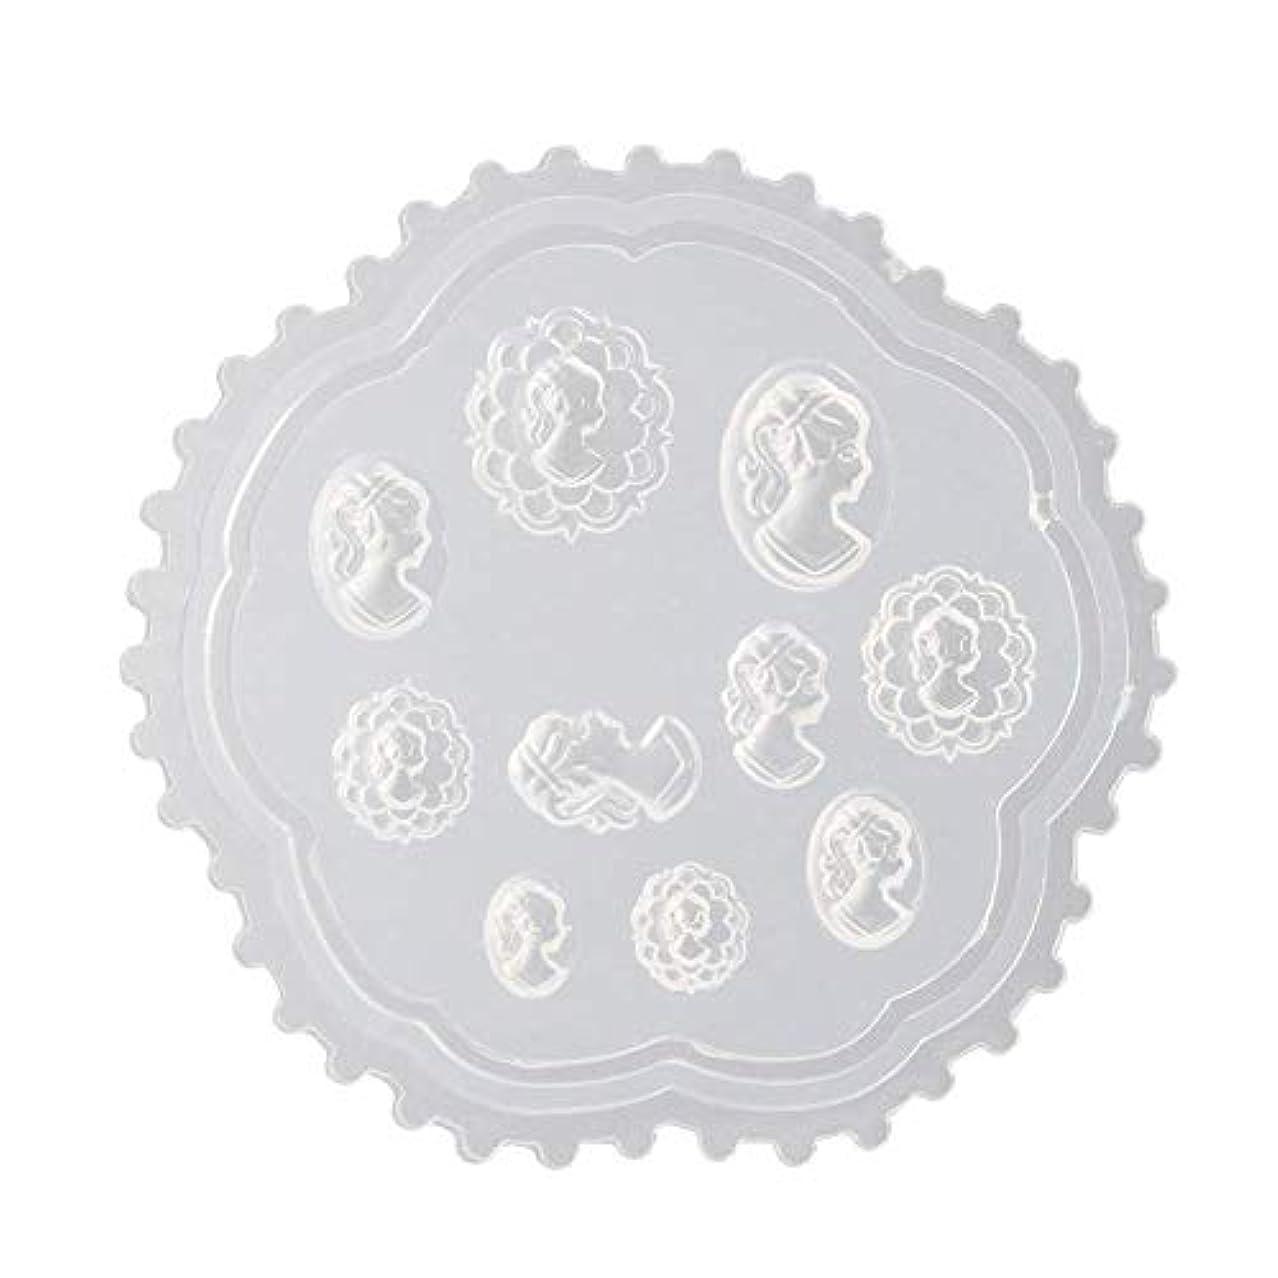 ケーブルカースリップシューズネットcoraly 3Dシリコンモールド ネイル 葉 花 抜き型 3Dネイル用 レジンモールド UVレジン ネイルパーツ ジェル ネイル セット アクセサリー パーツ 作成 (2)